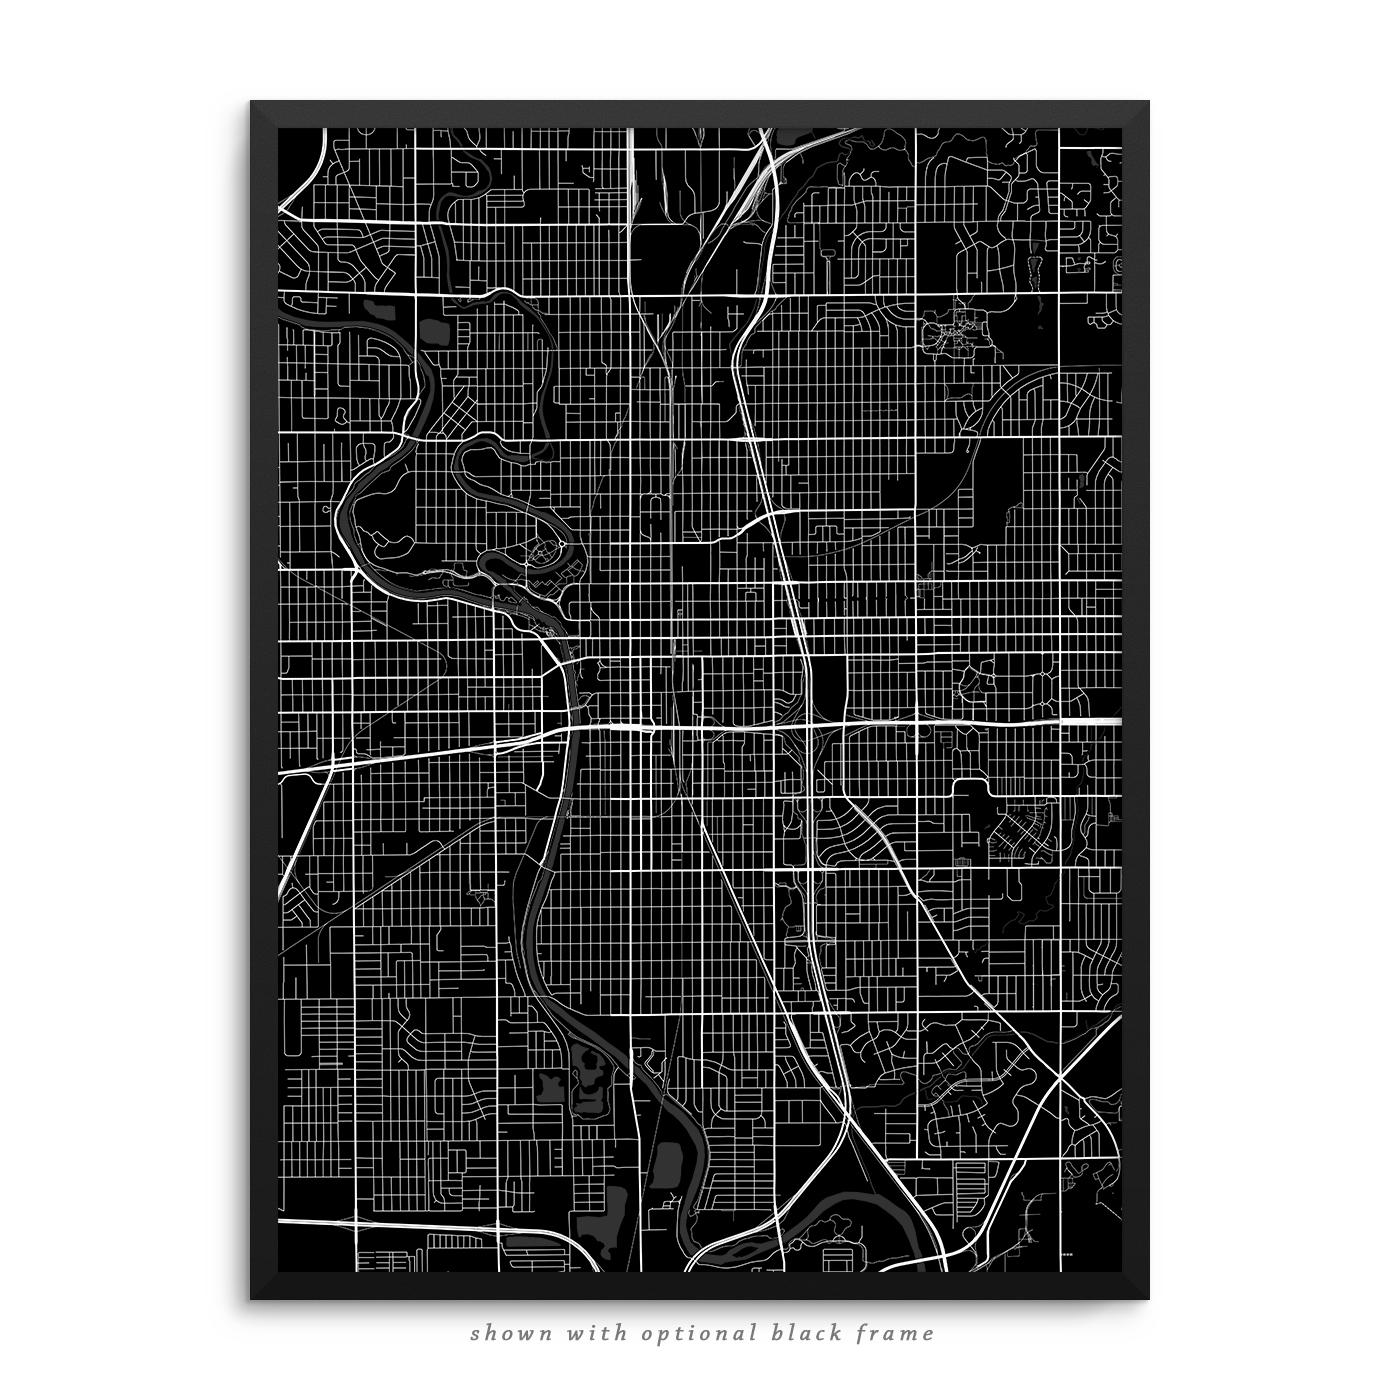 Home Decor Wichita Ks: Wichita Kansas Poster